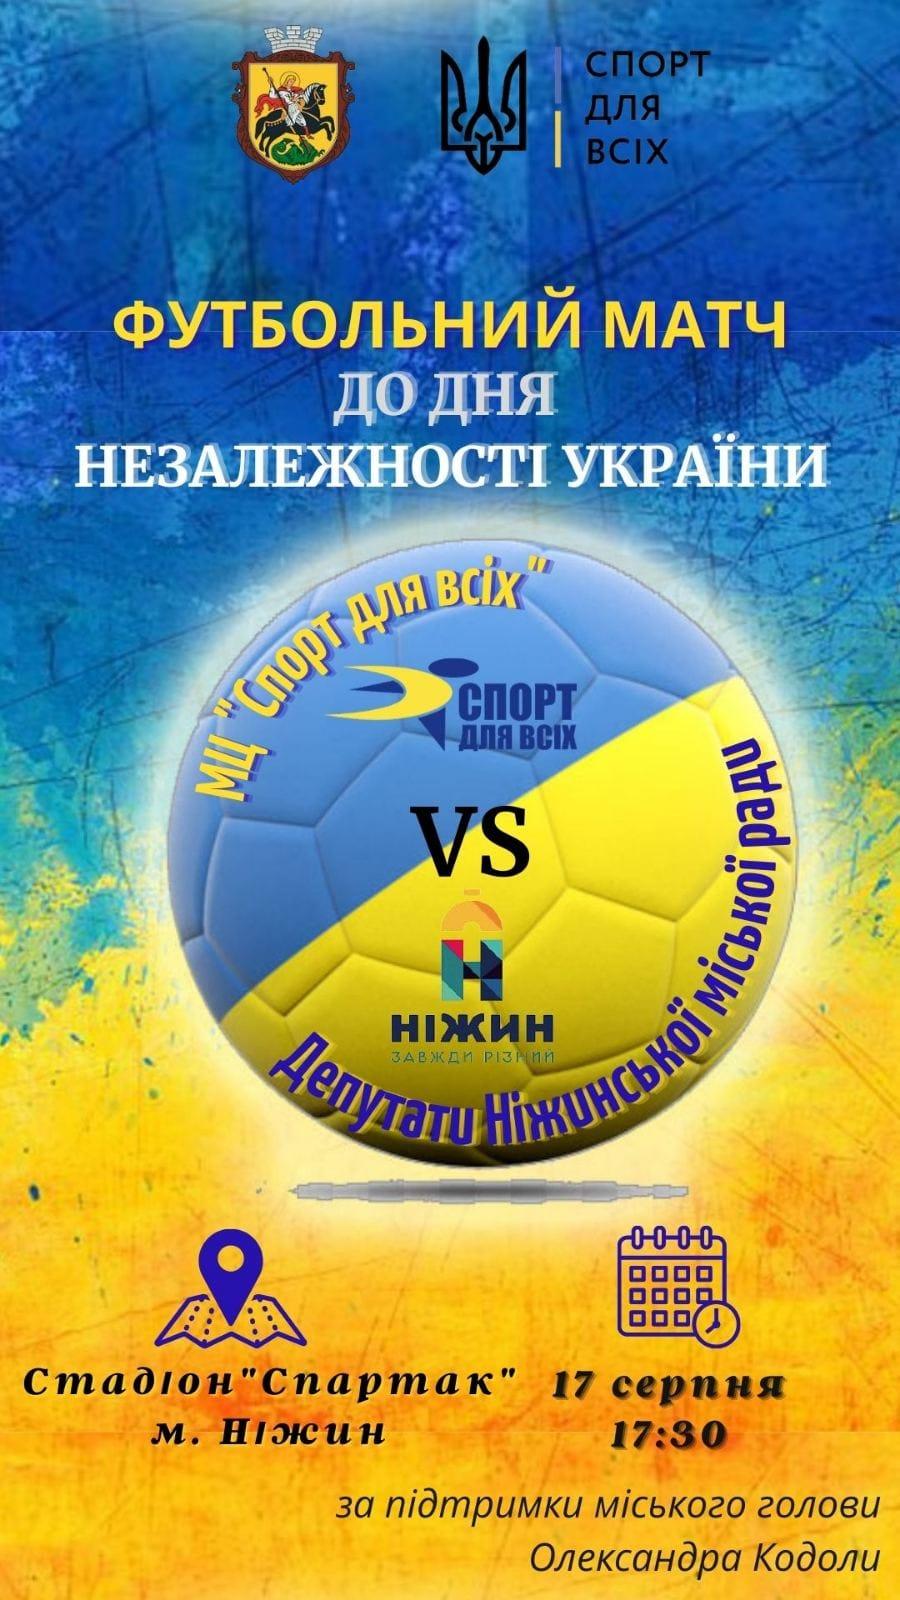 Ніжинські депутати зіграють футбольний матч до Дня Незалежності